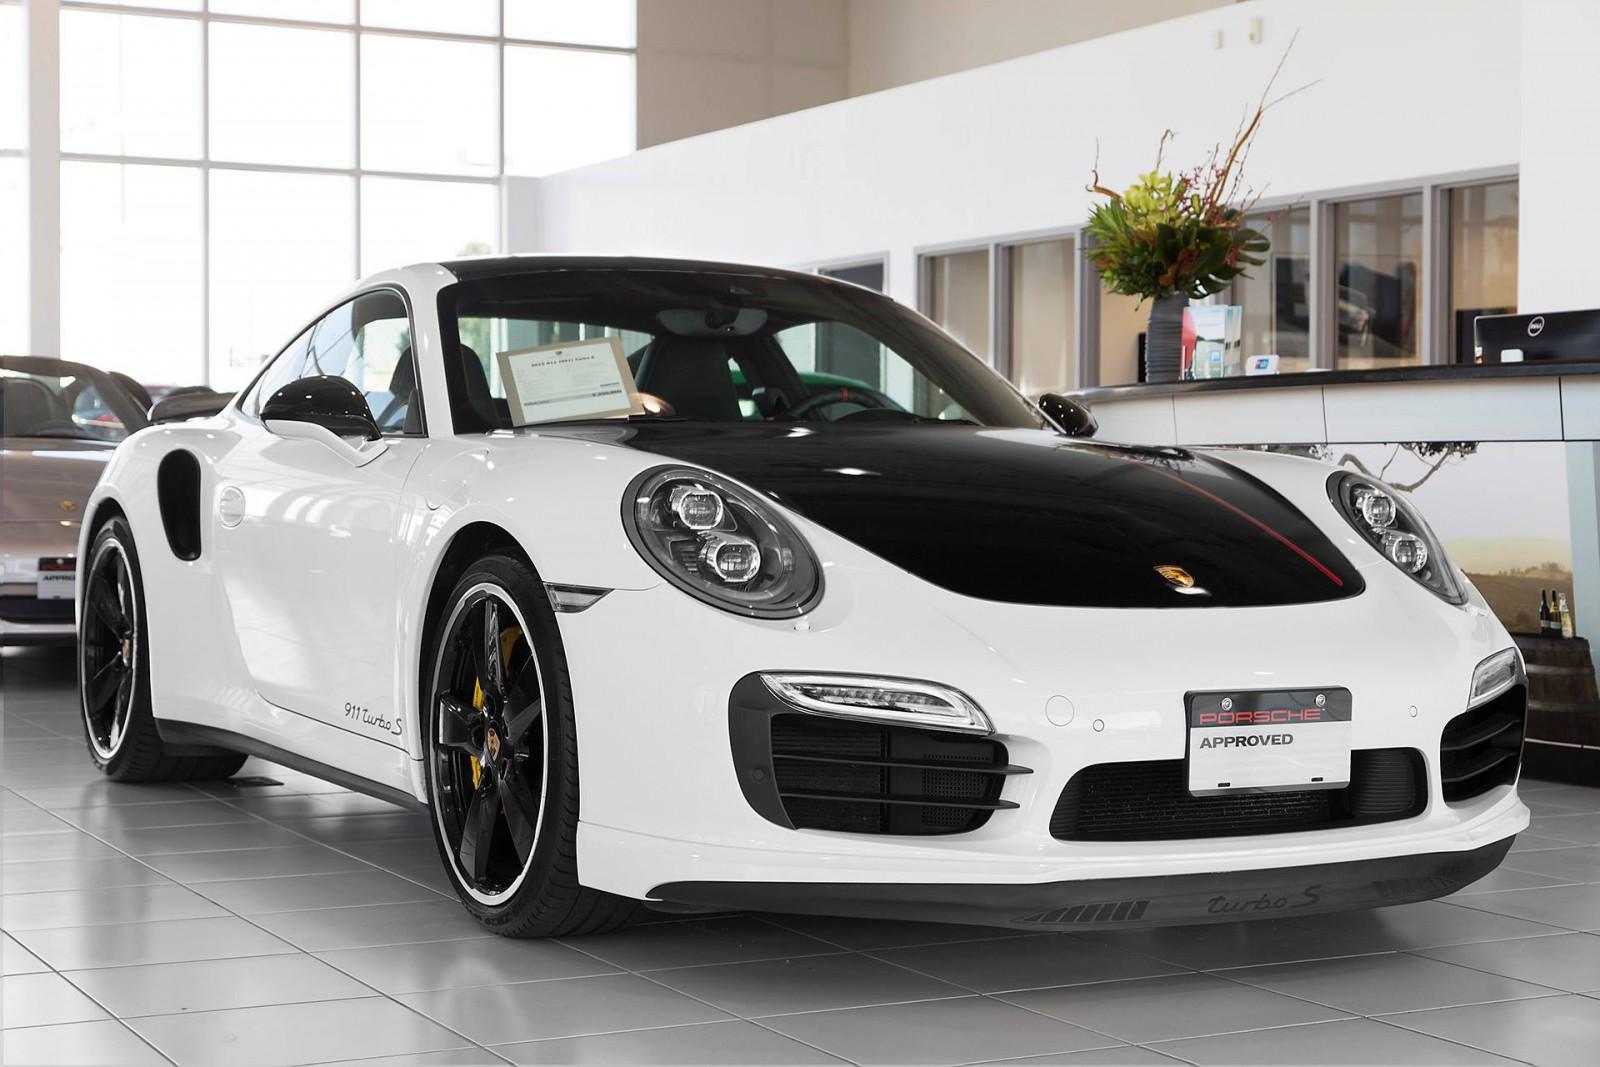 Porsche 911 Turbo S Pfaff Exclusive Edition For Sale in Canada ...